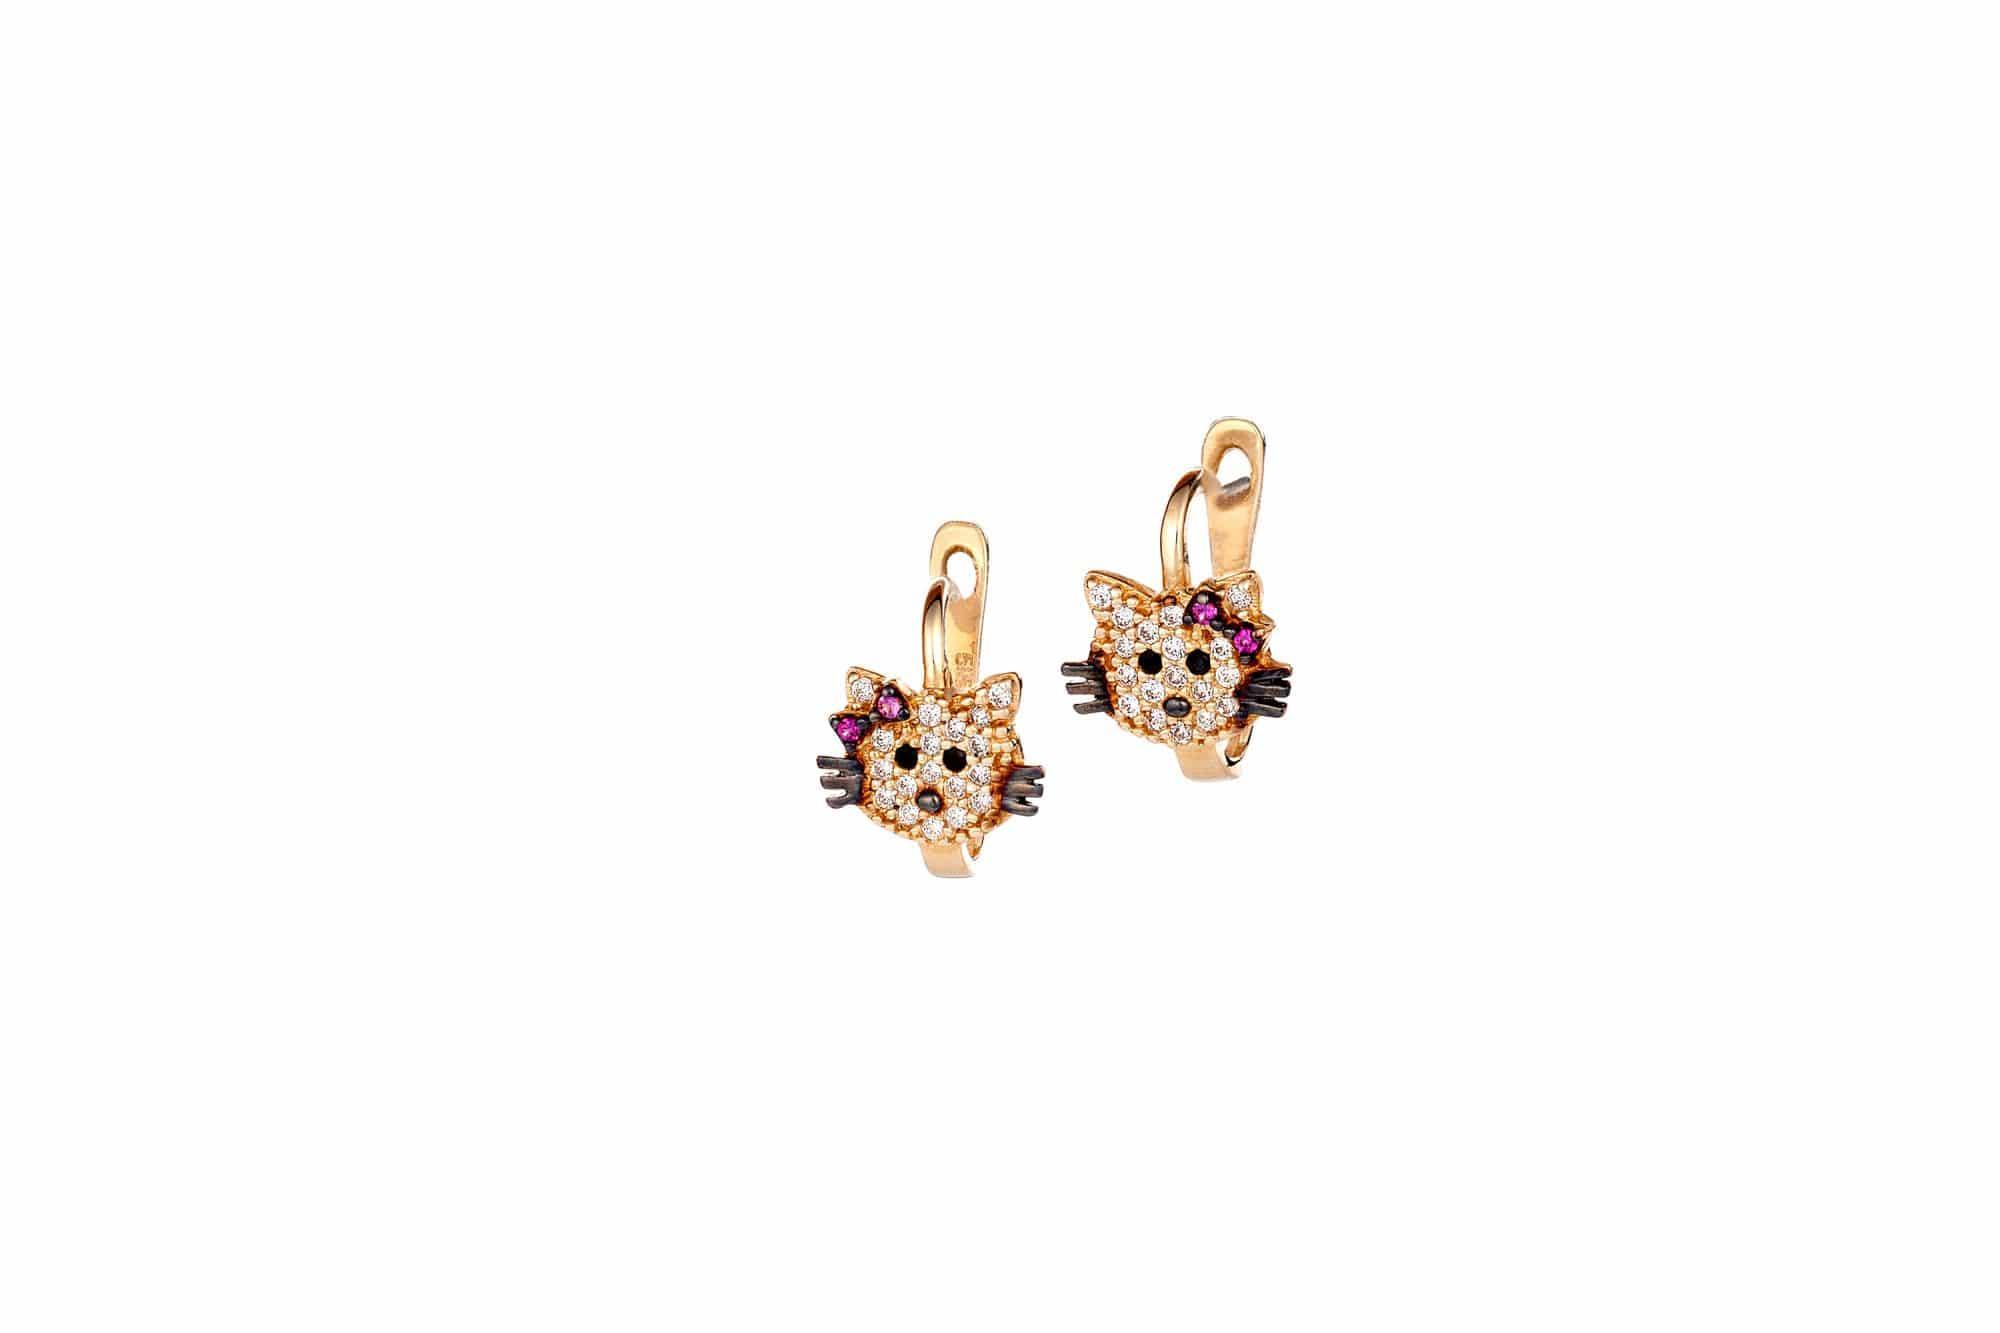 Σκουλαρίκι Παιδικό Χρυσό Με Ζιργκόν Γατούλα Για Κορίτσι – Jewelor 8d8cfb2118a